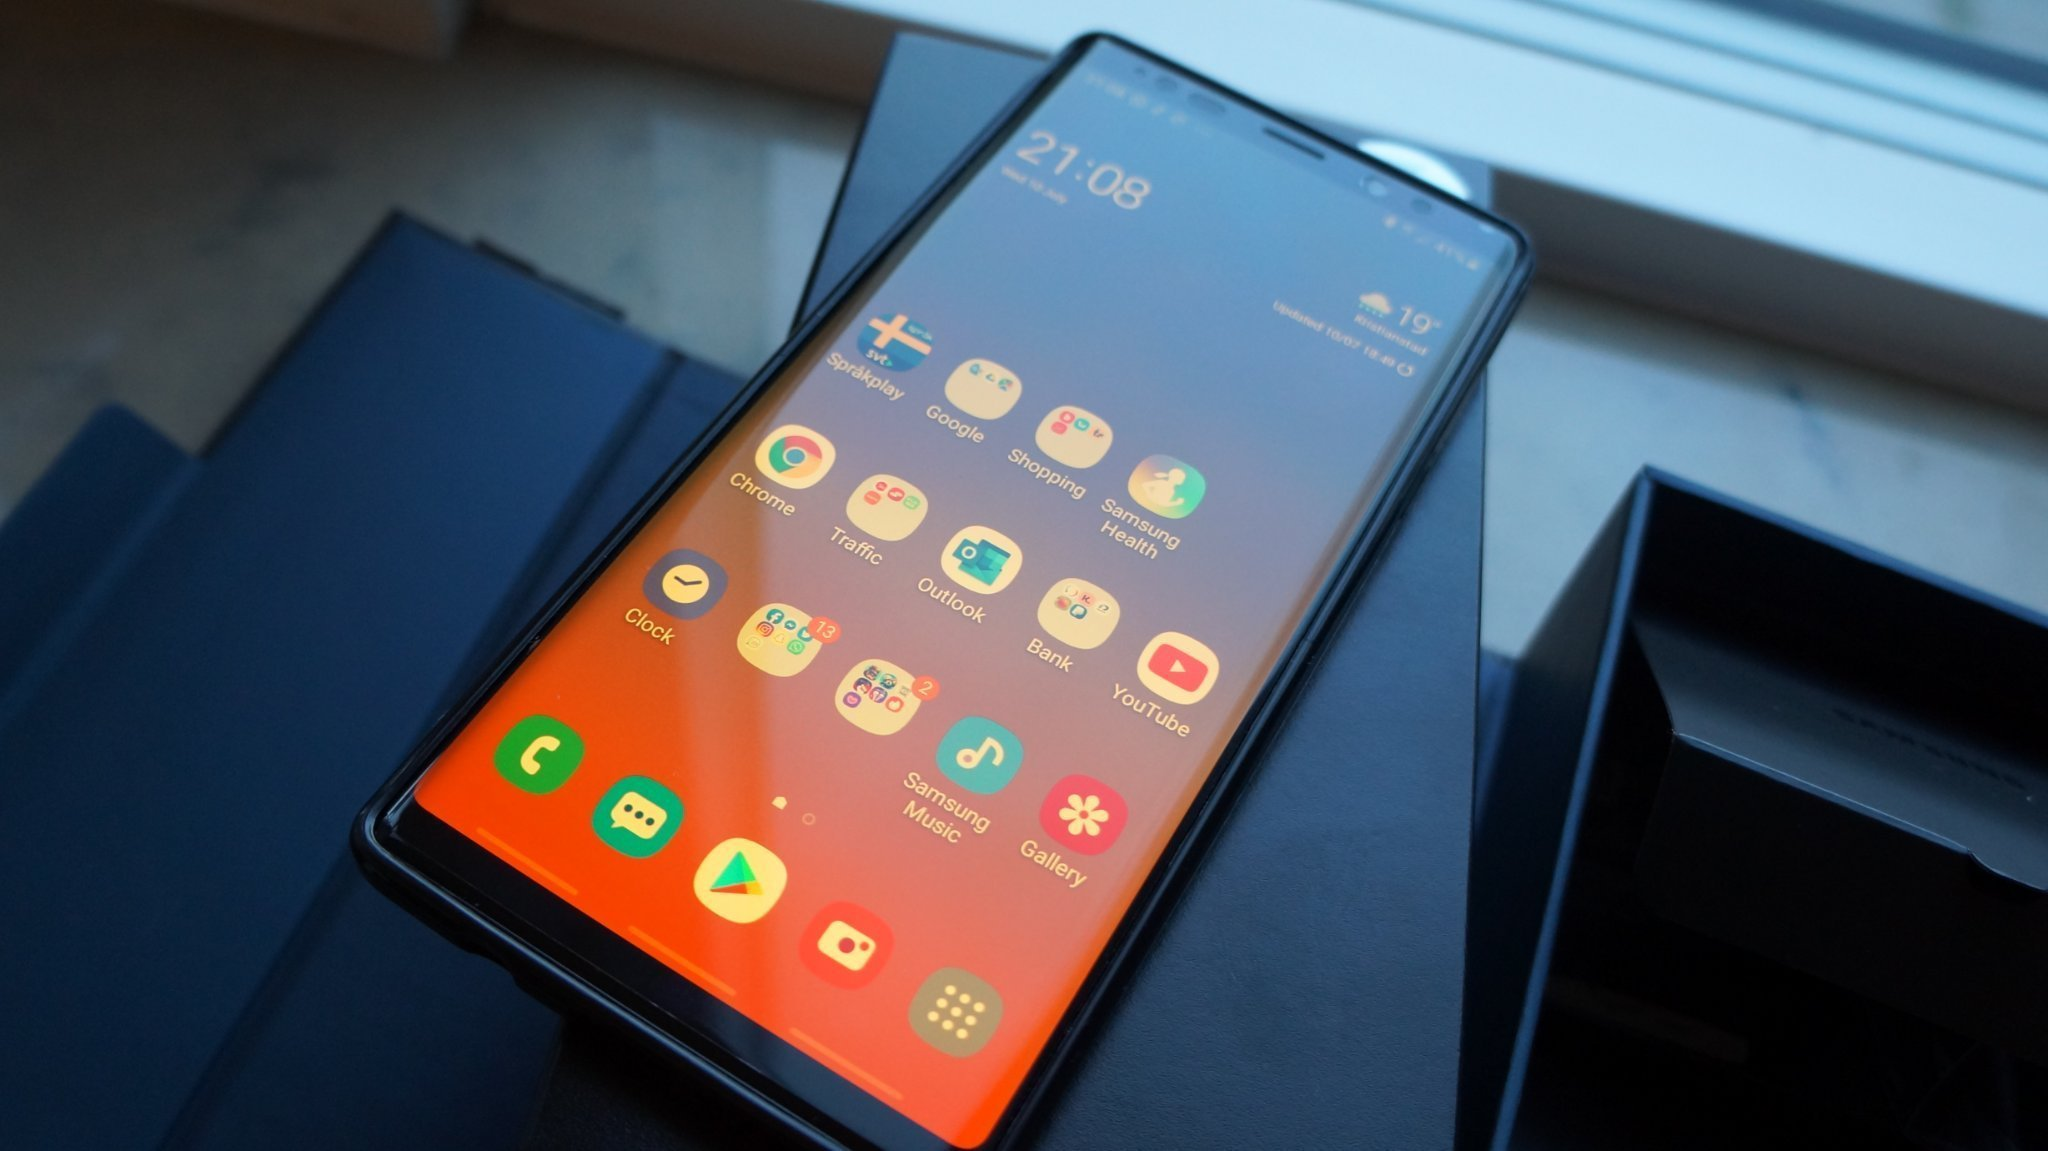 NY Samsung Note 9, 8GB RAM, 512GB ROM - Midnigh   (357818649) ᐈ Köp